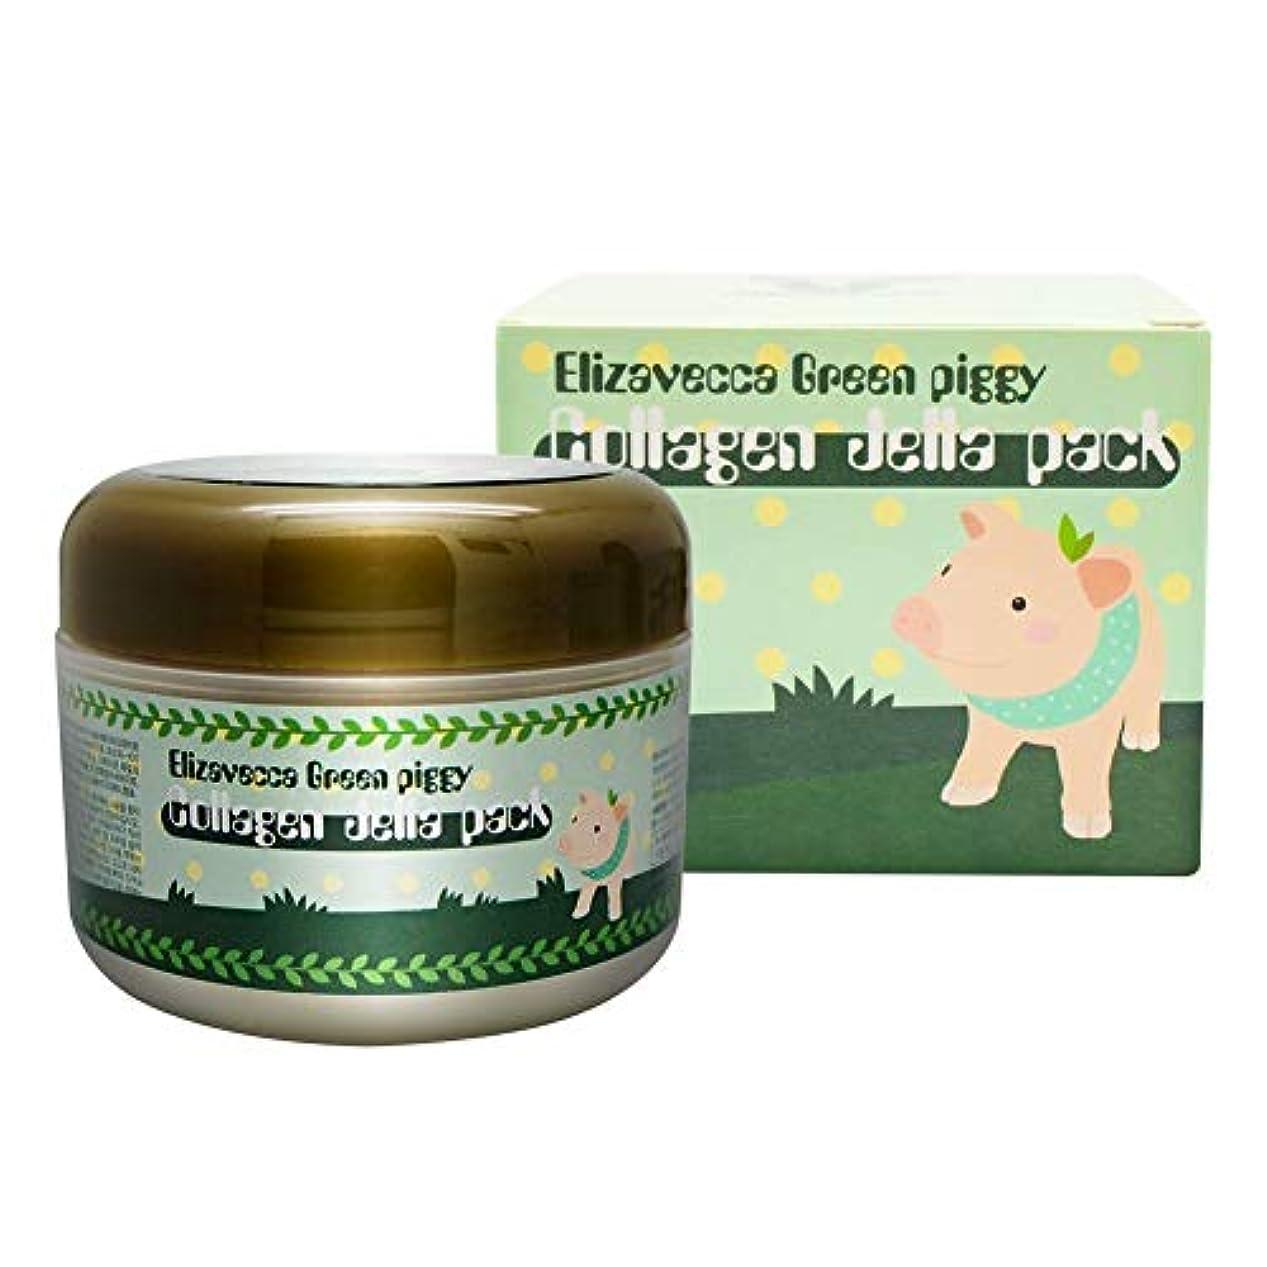 標高酸化物マークElizavecca Green Piggy Collagen Jella Pack pig mask 100g